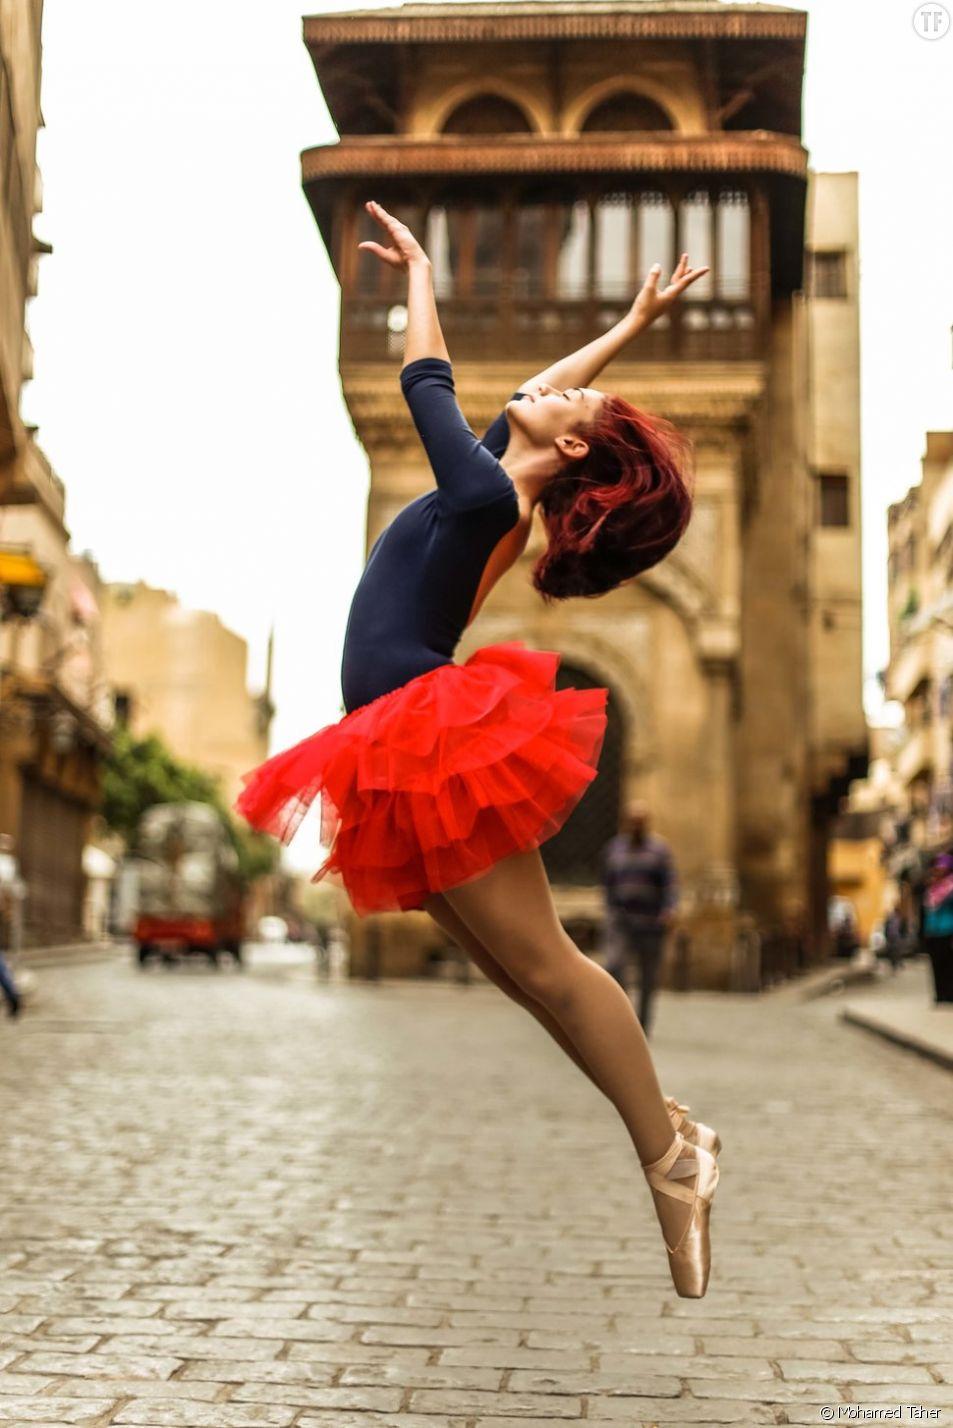 Ballerinas of Cairo : quand les Égyptiennes se réapproprient les rues en dansant